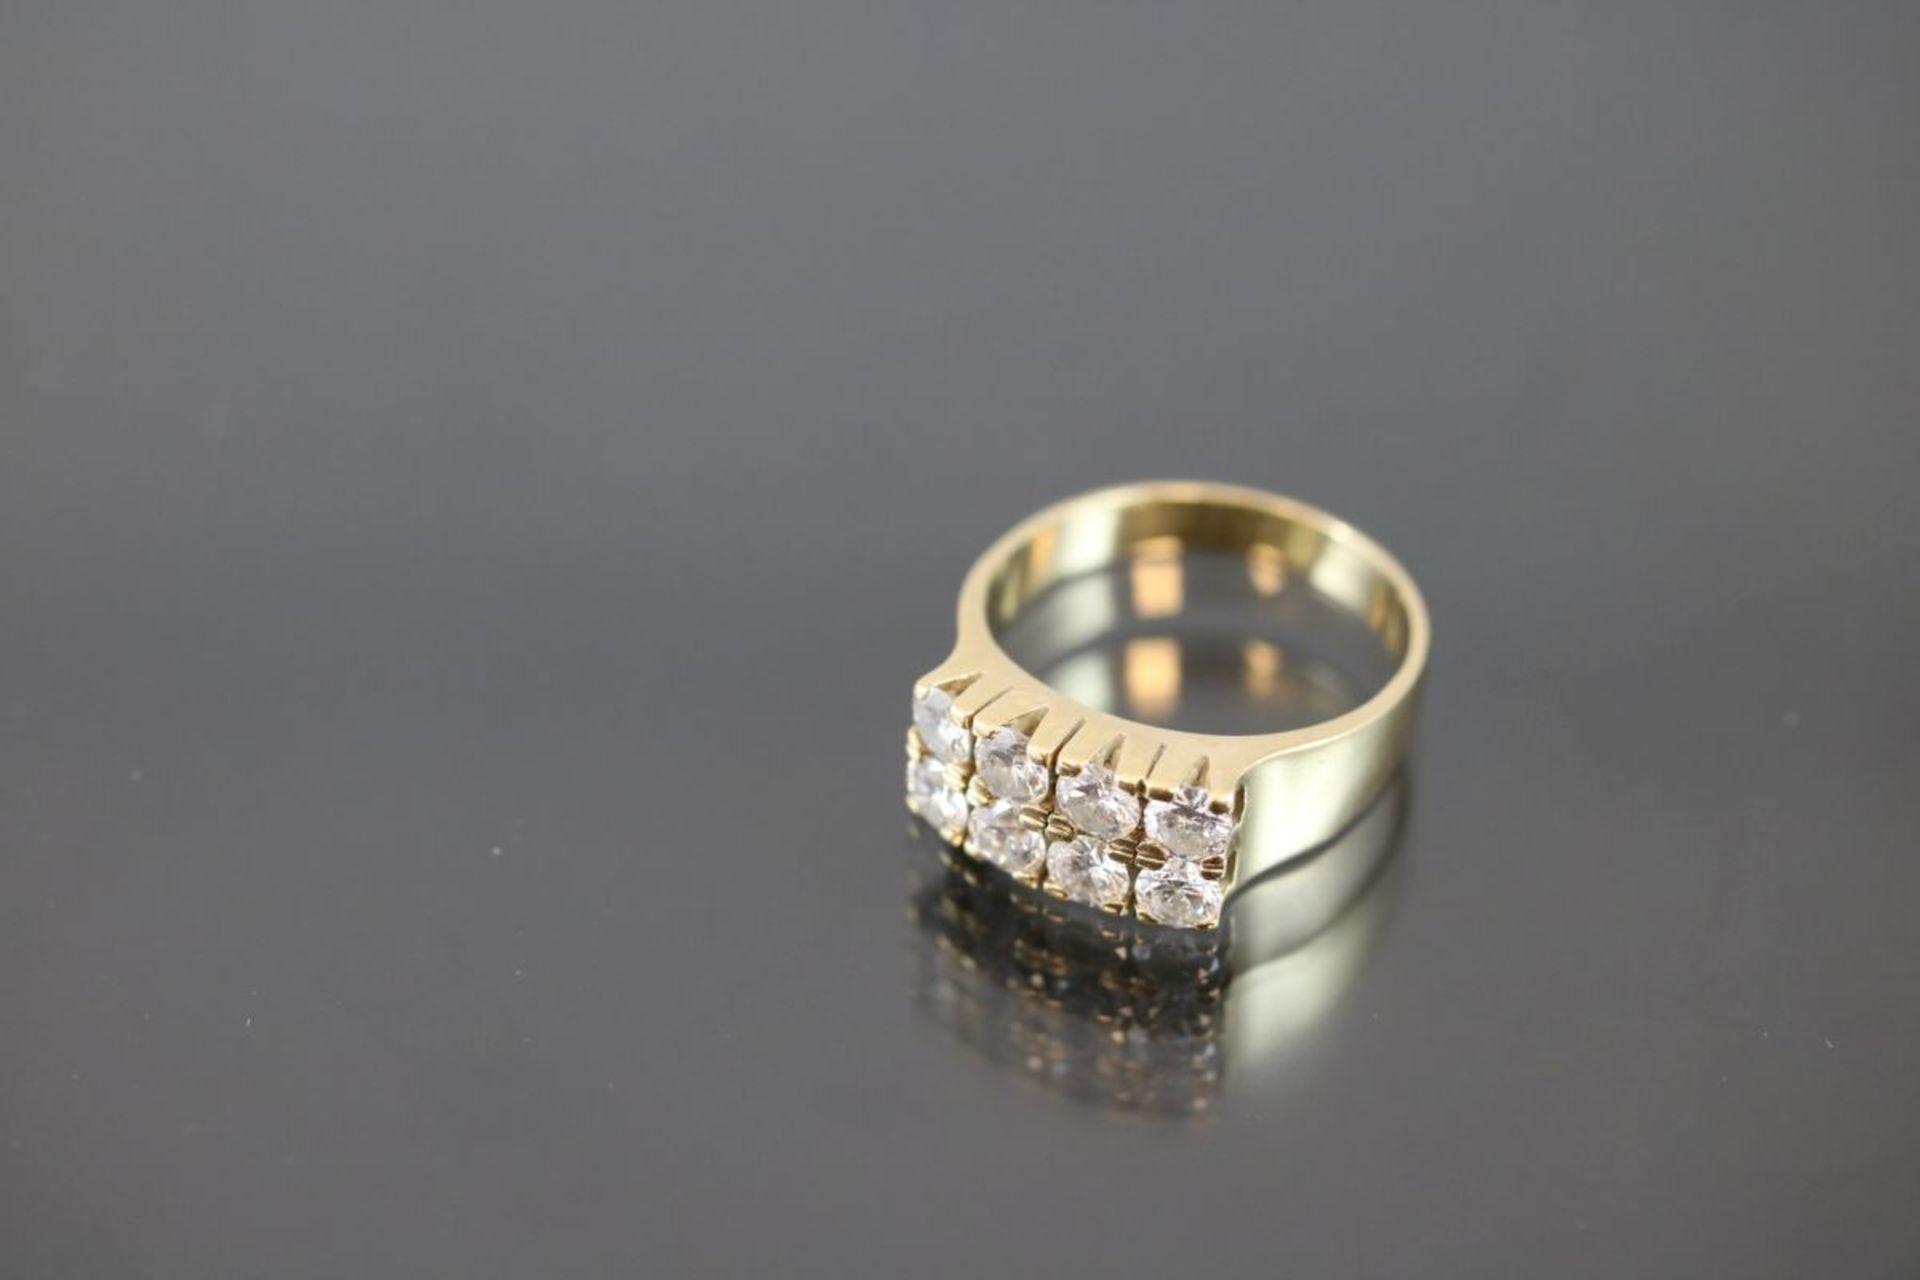 Brillant-Ring, 750 Gold6,17 Gramm 8 Brillanten, ca. 1,76 ct., tw/si. Ringgröße: 56Schätzpreis: